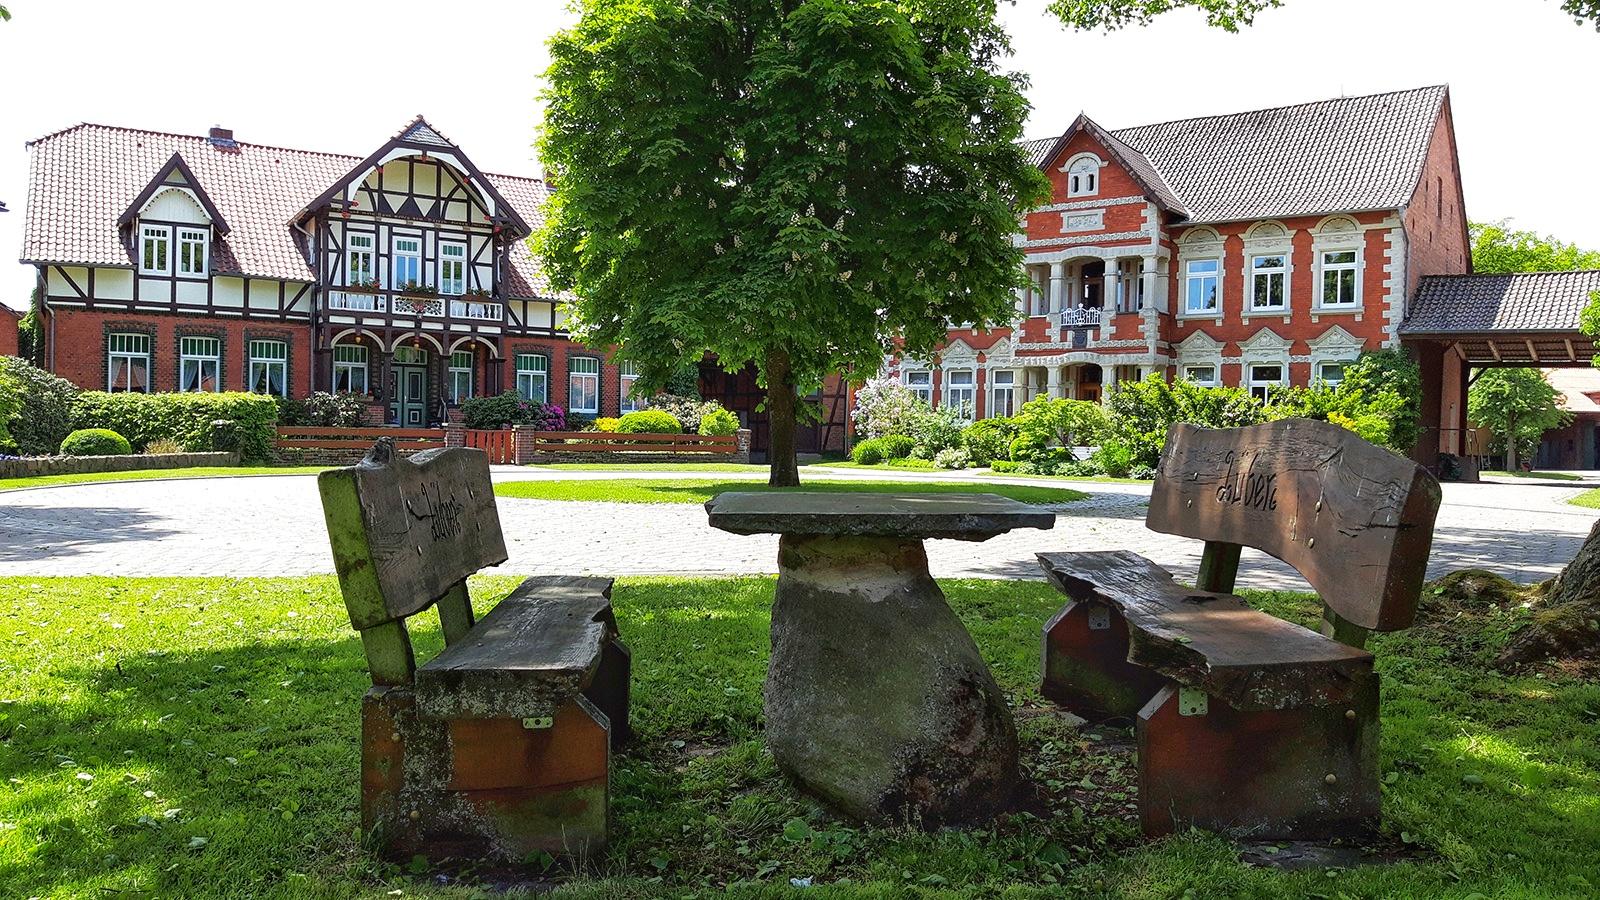 Sitzplatz vor zwei alten Häusern